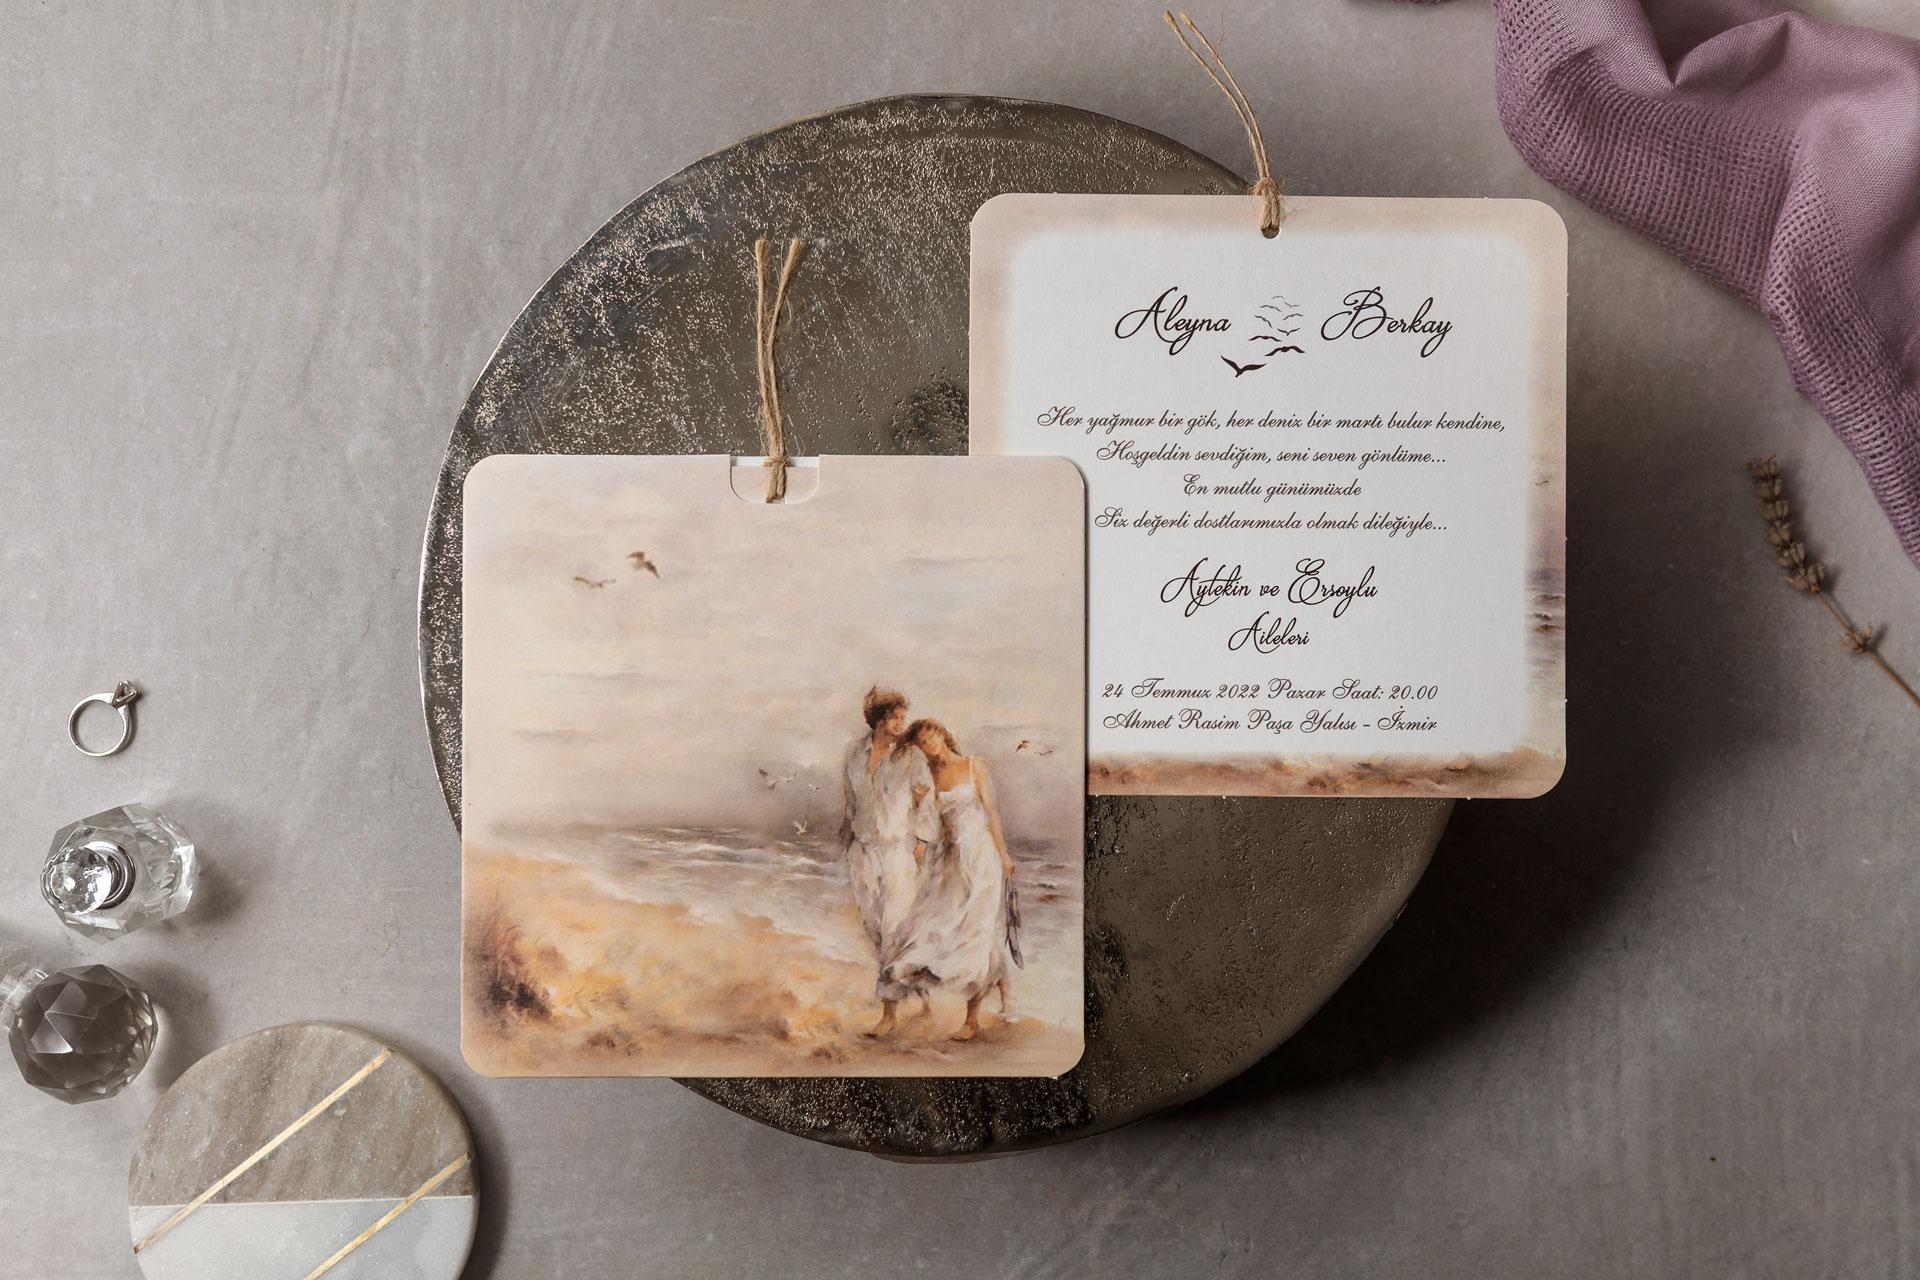 romantik-düğün-davetiyesi-8246-2